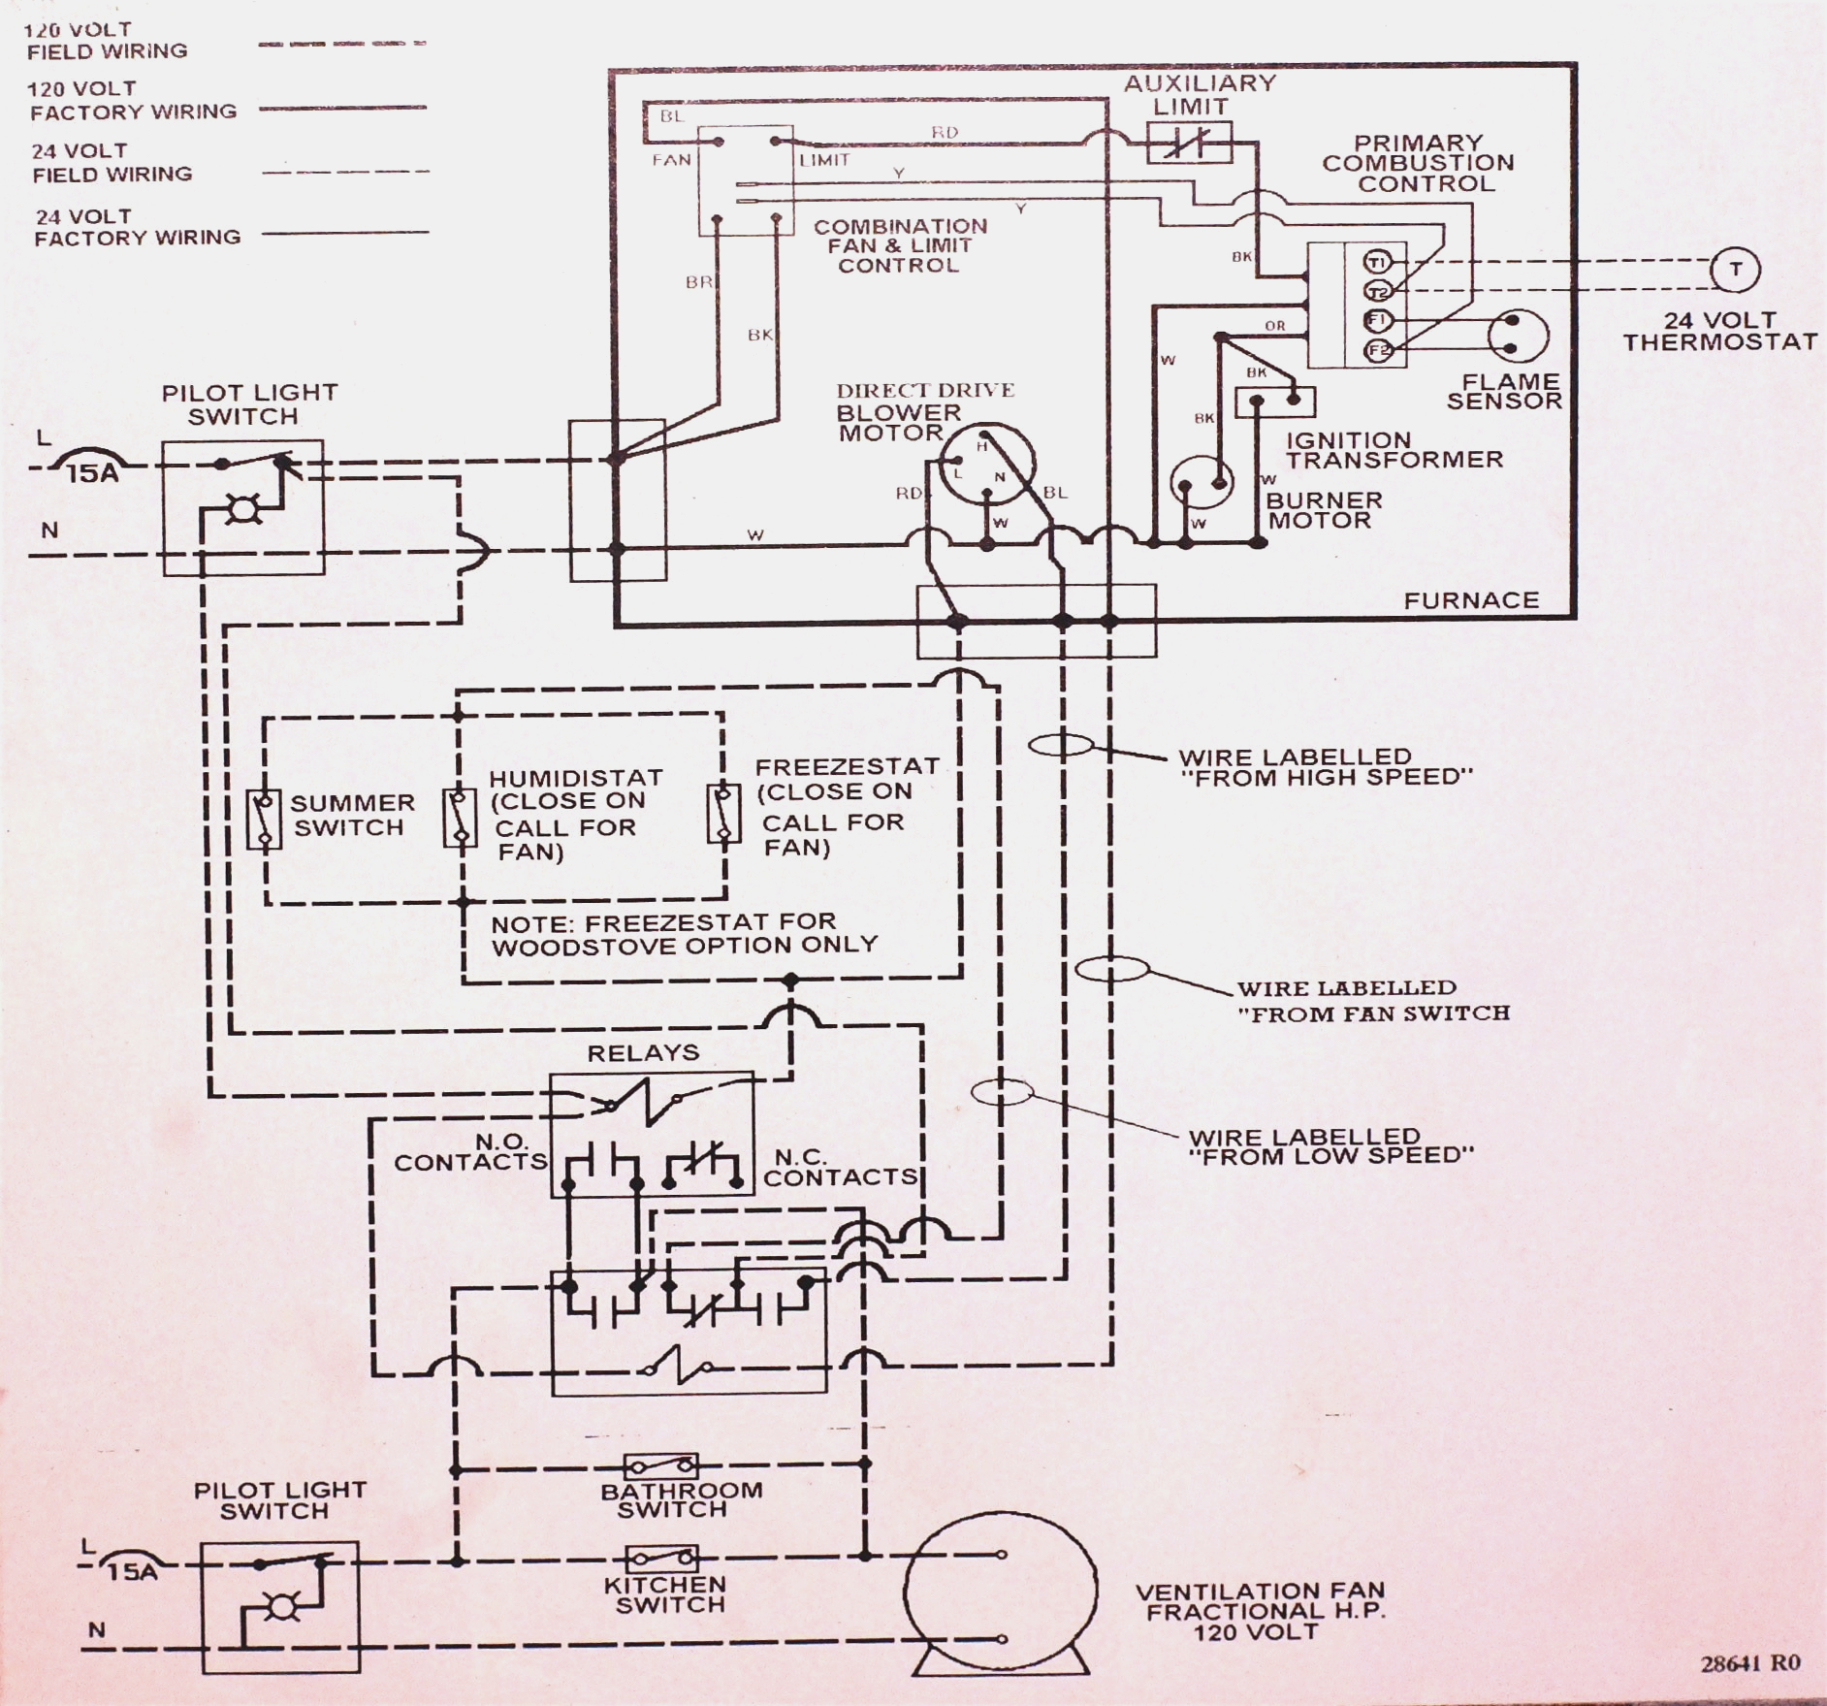 Furnace Wiring | Wiring Diagram - Aprilaire 700 Wiring Diagram